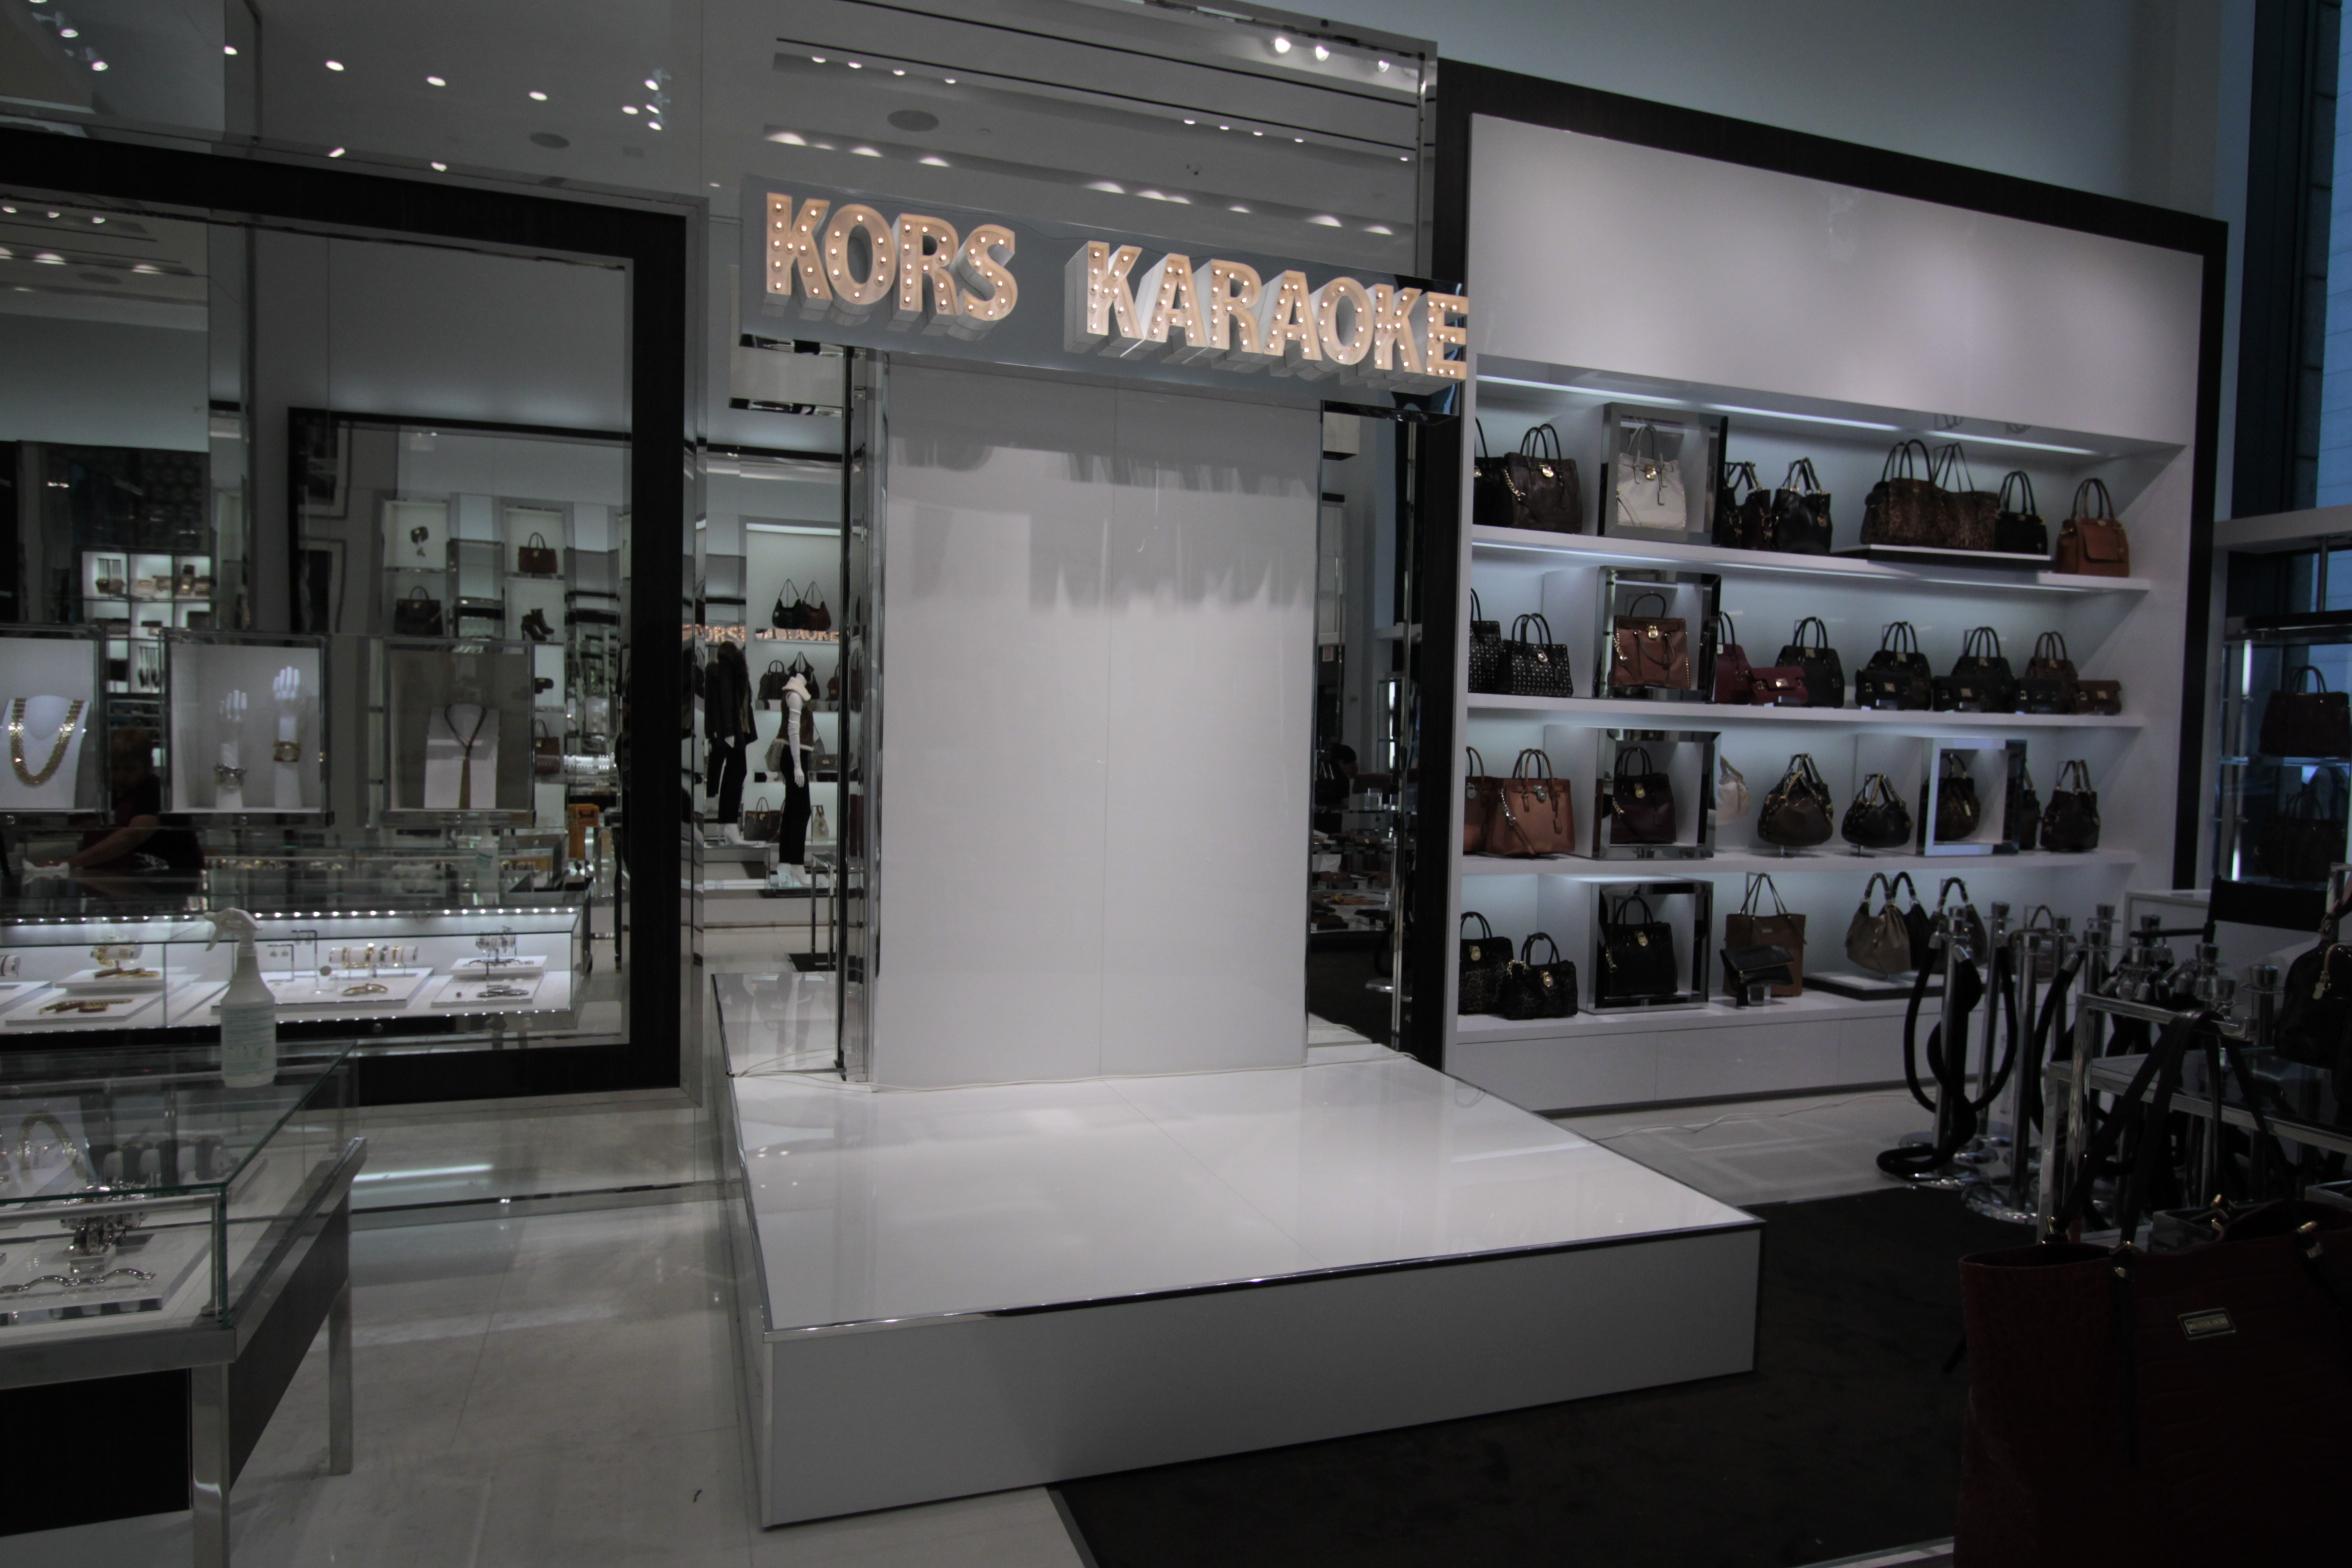 Kors Karaoke - 2012